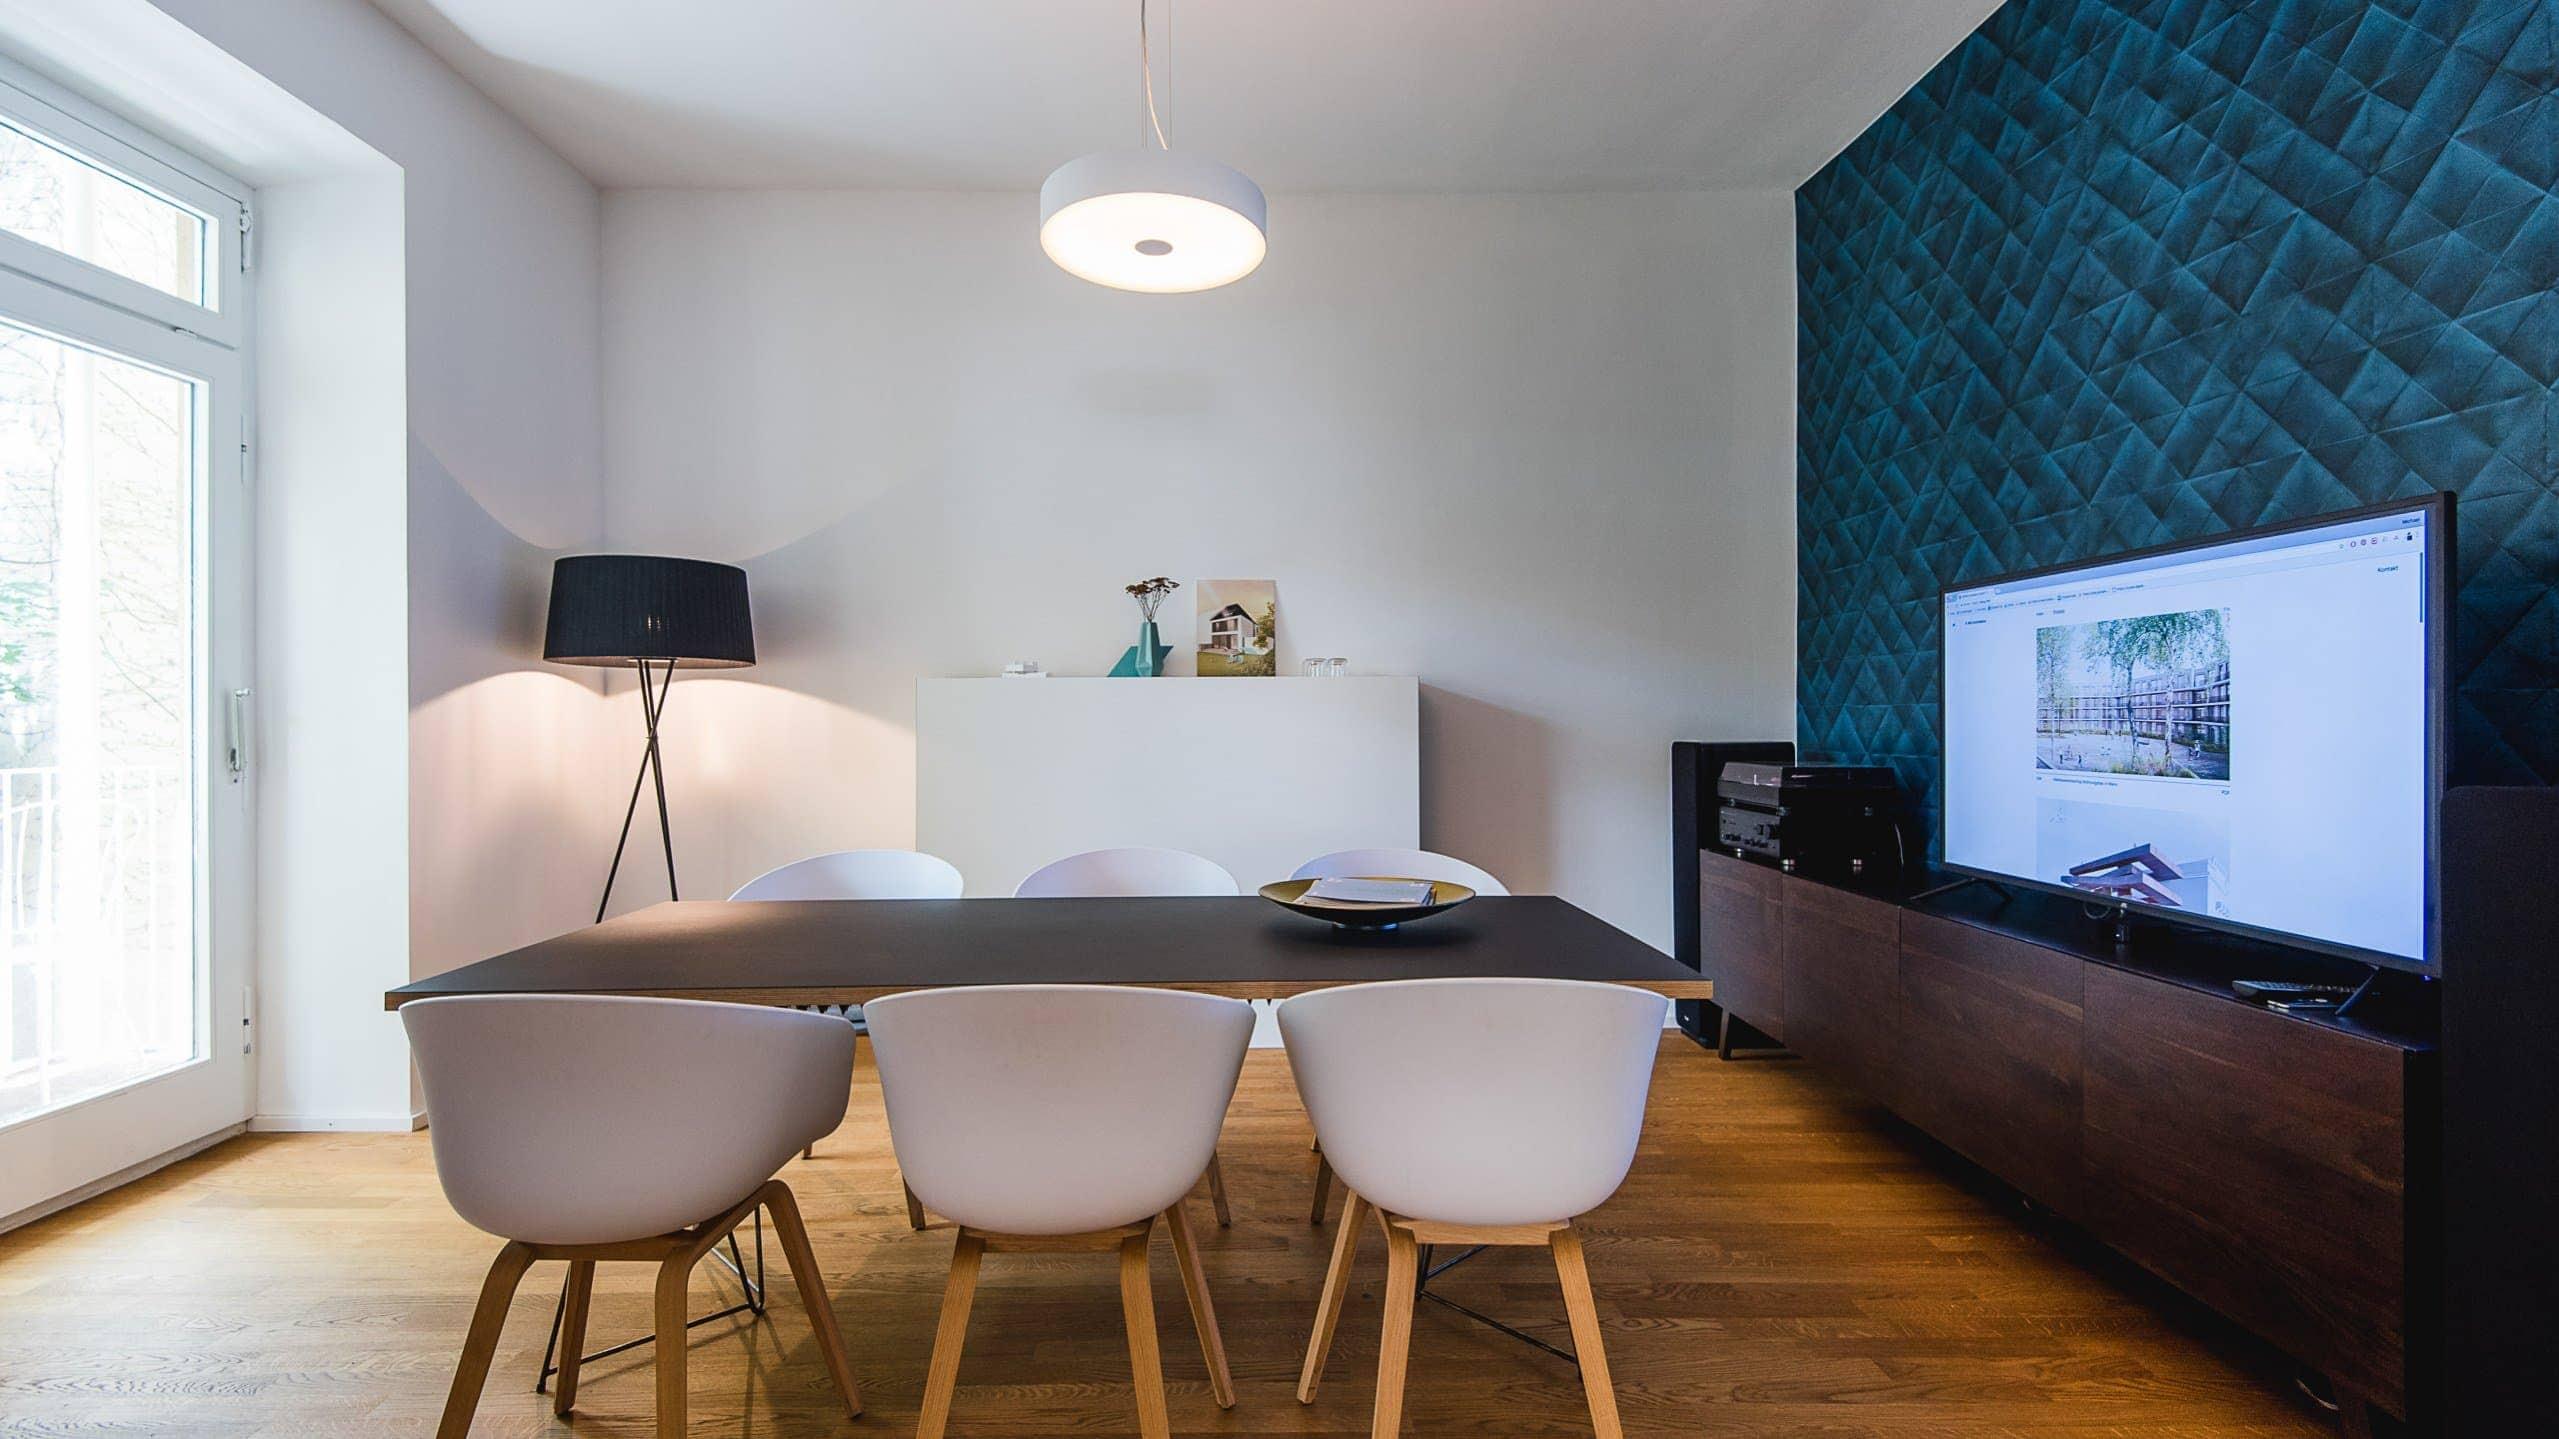 JungundWilddesign Business Architektur Interior 031